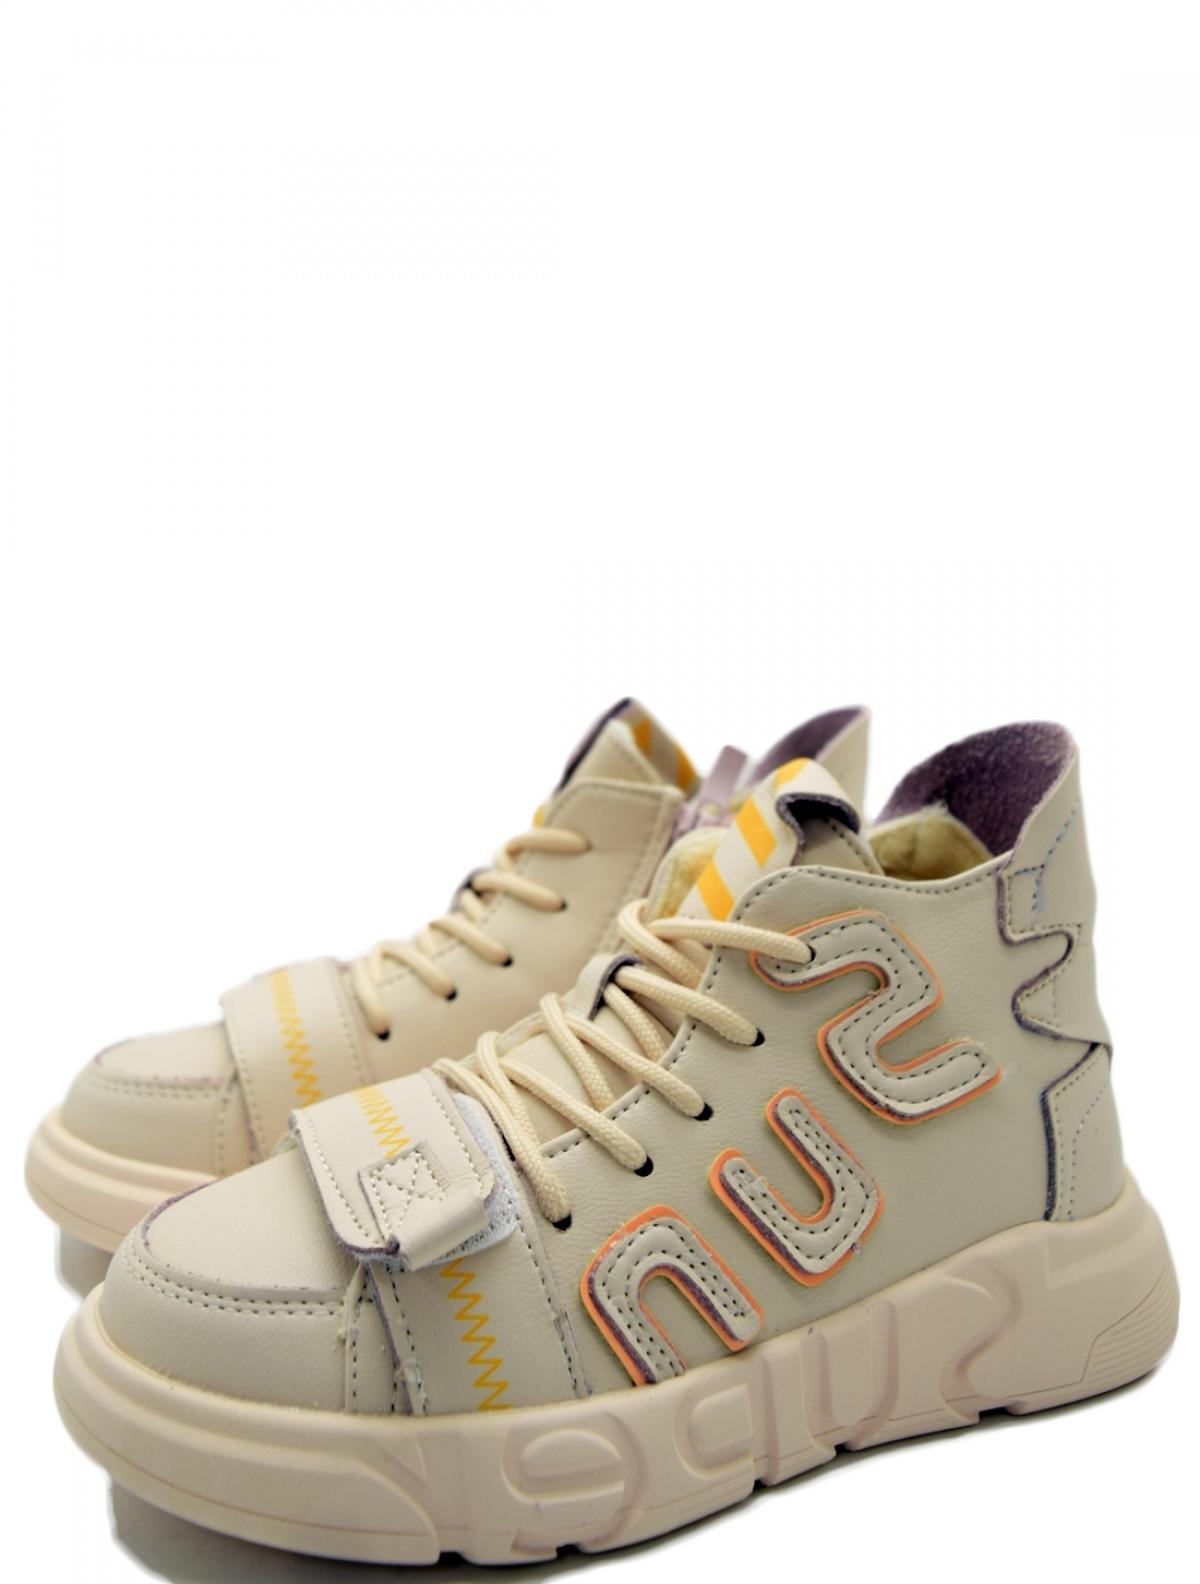 Ulet LM1907042-D кроссовки для девочки